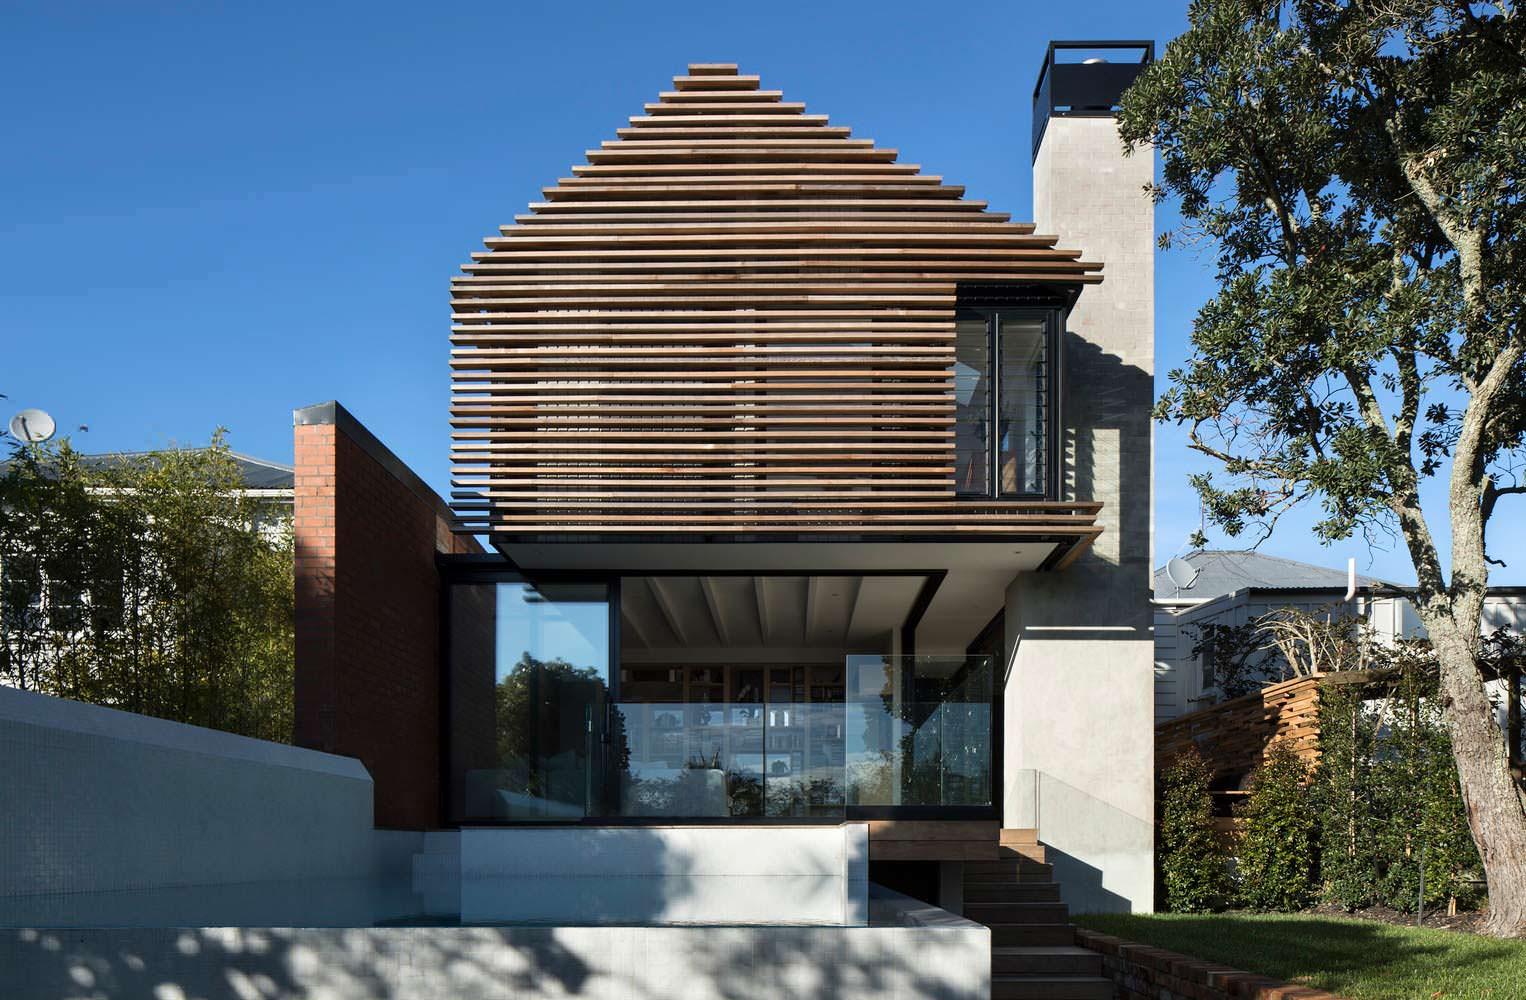 Tree Villa в Окленде, Новая Зеландия. Проект Matter